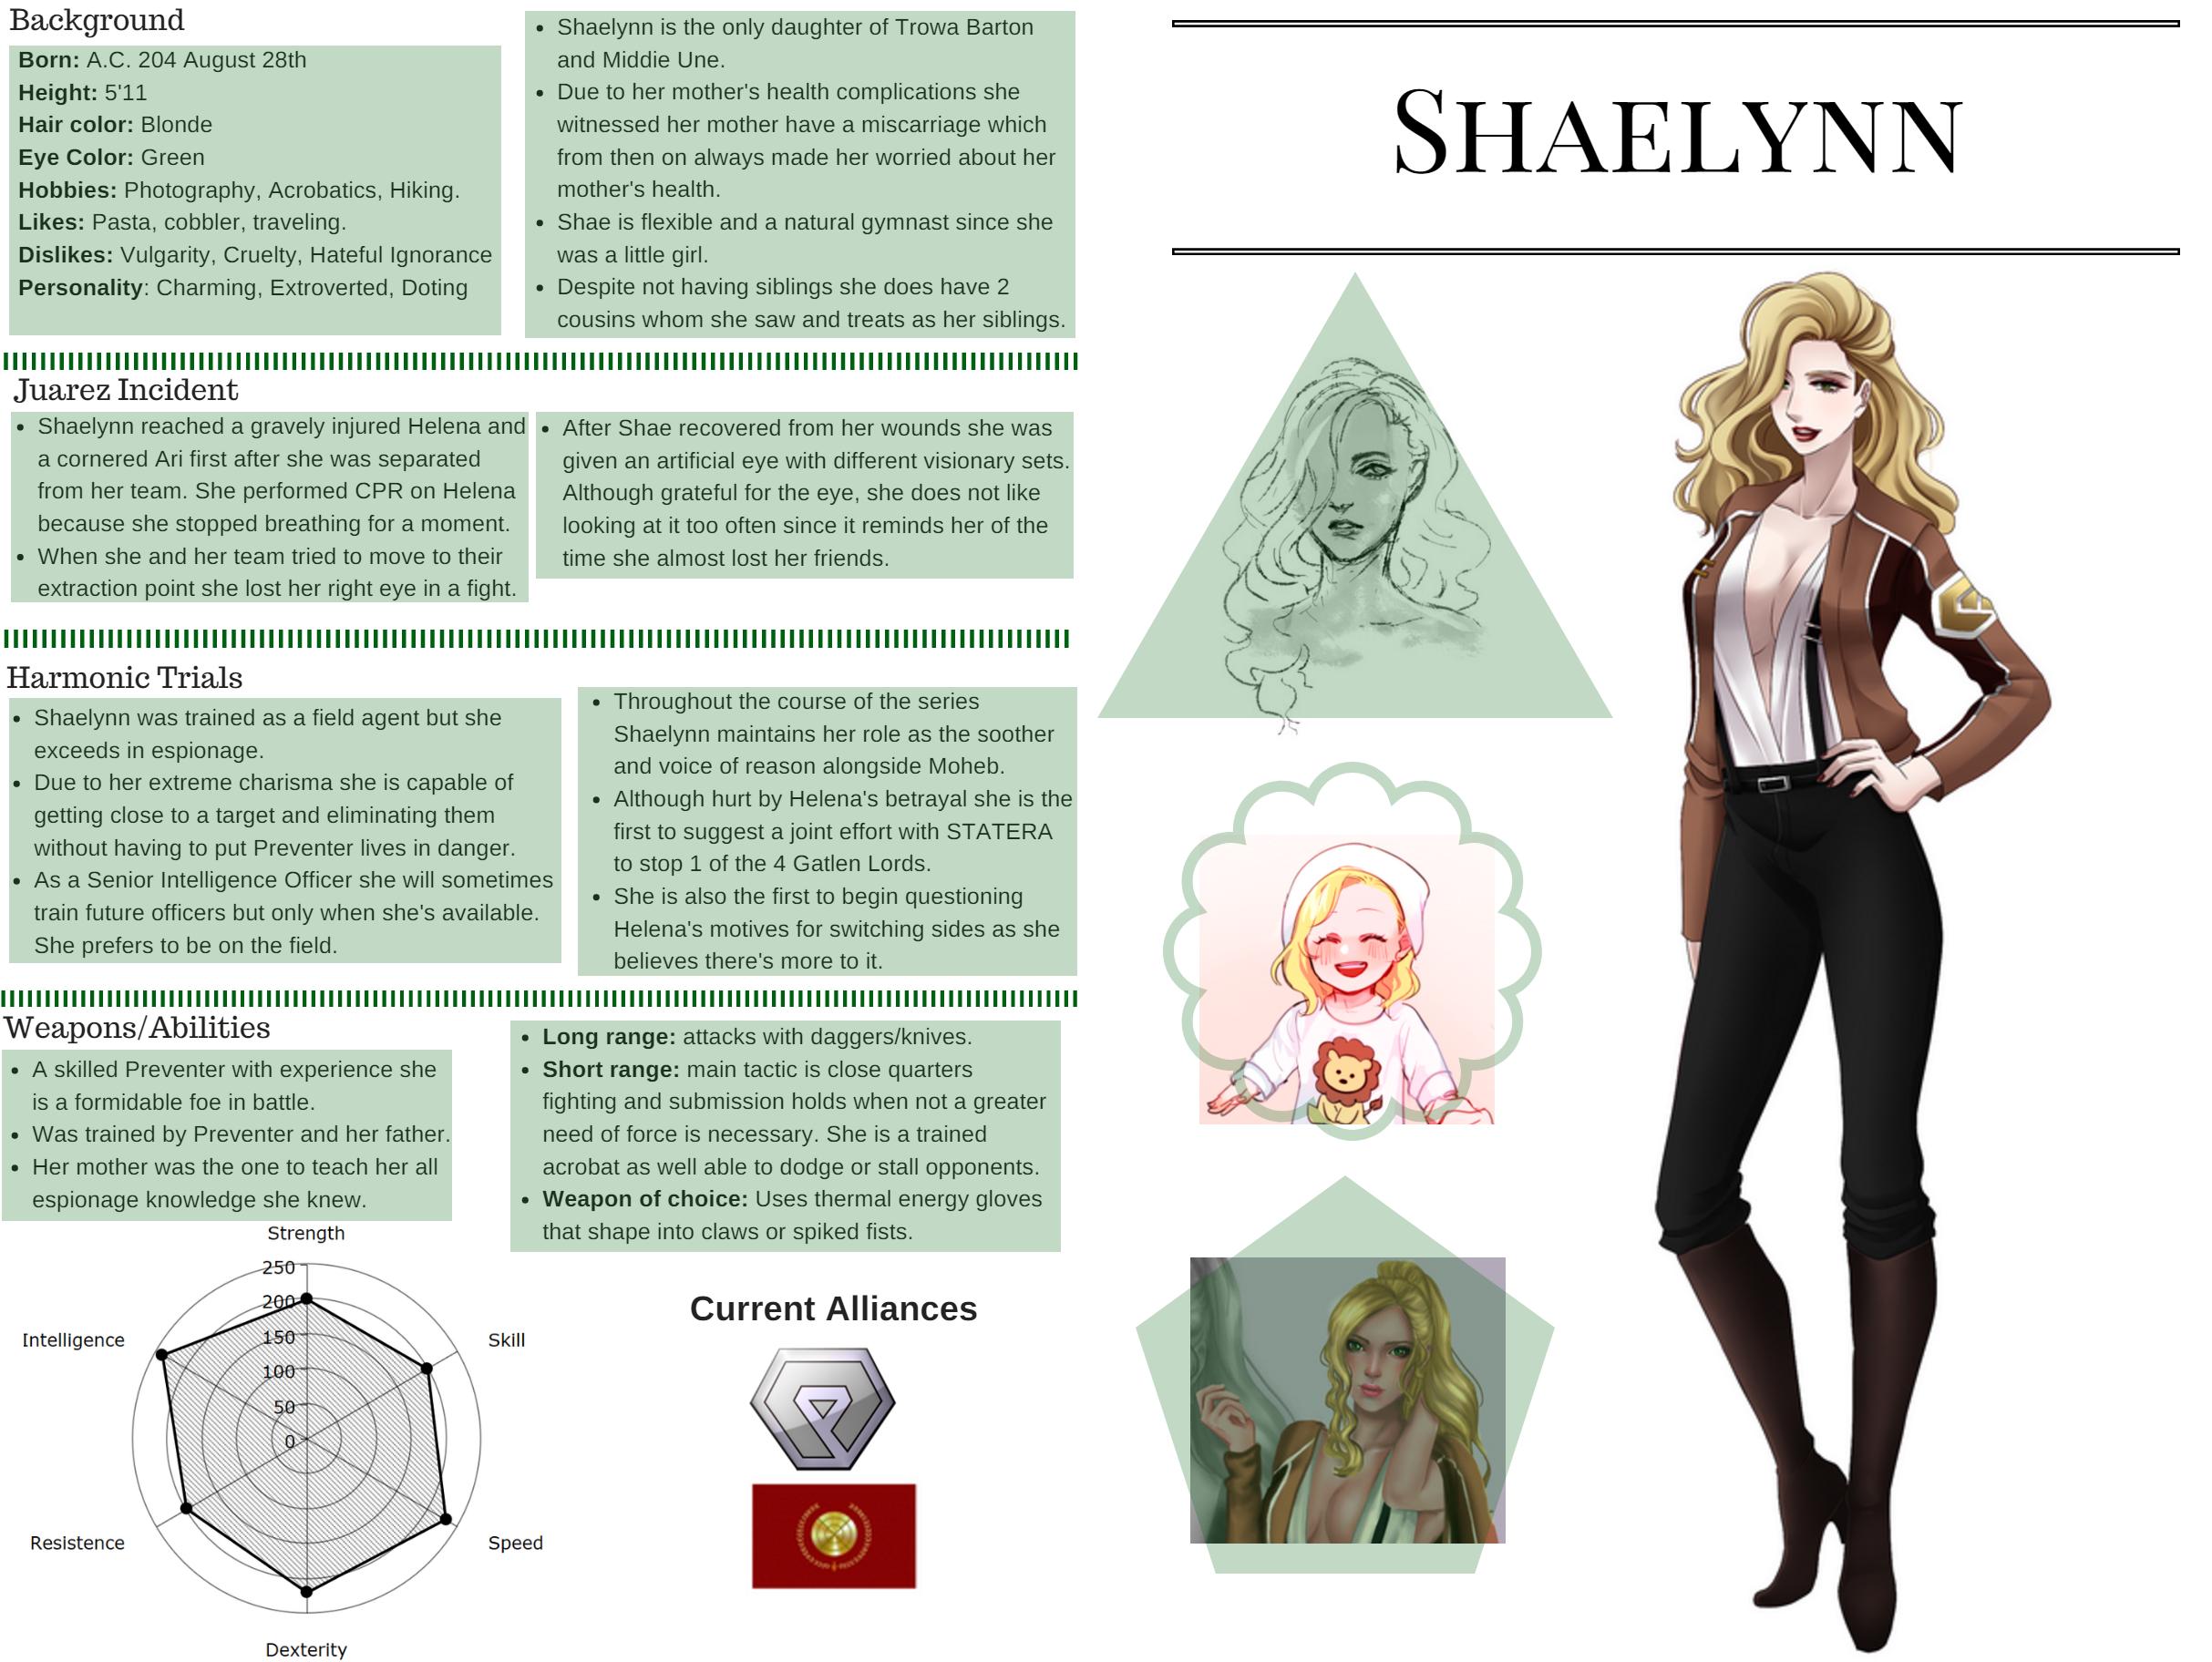 Shaelynn